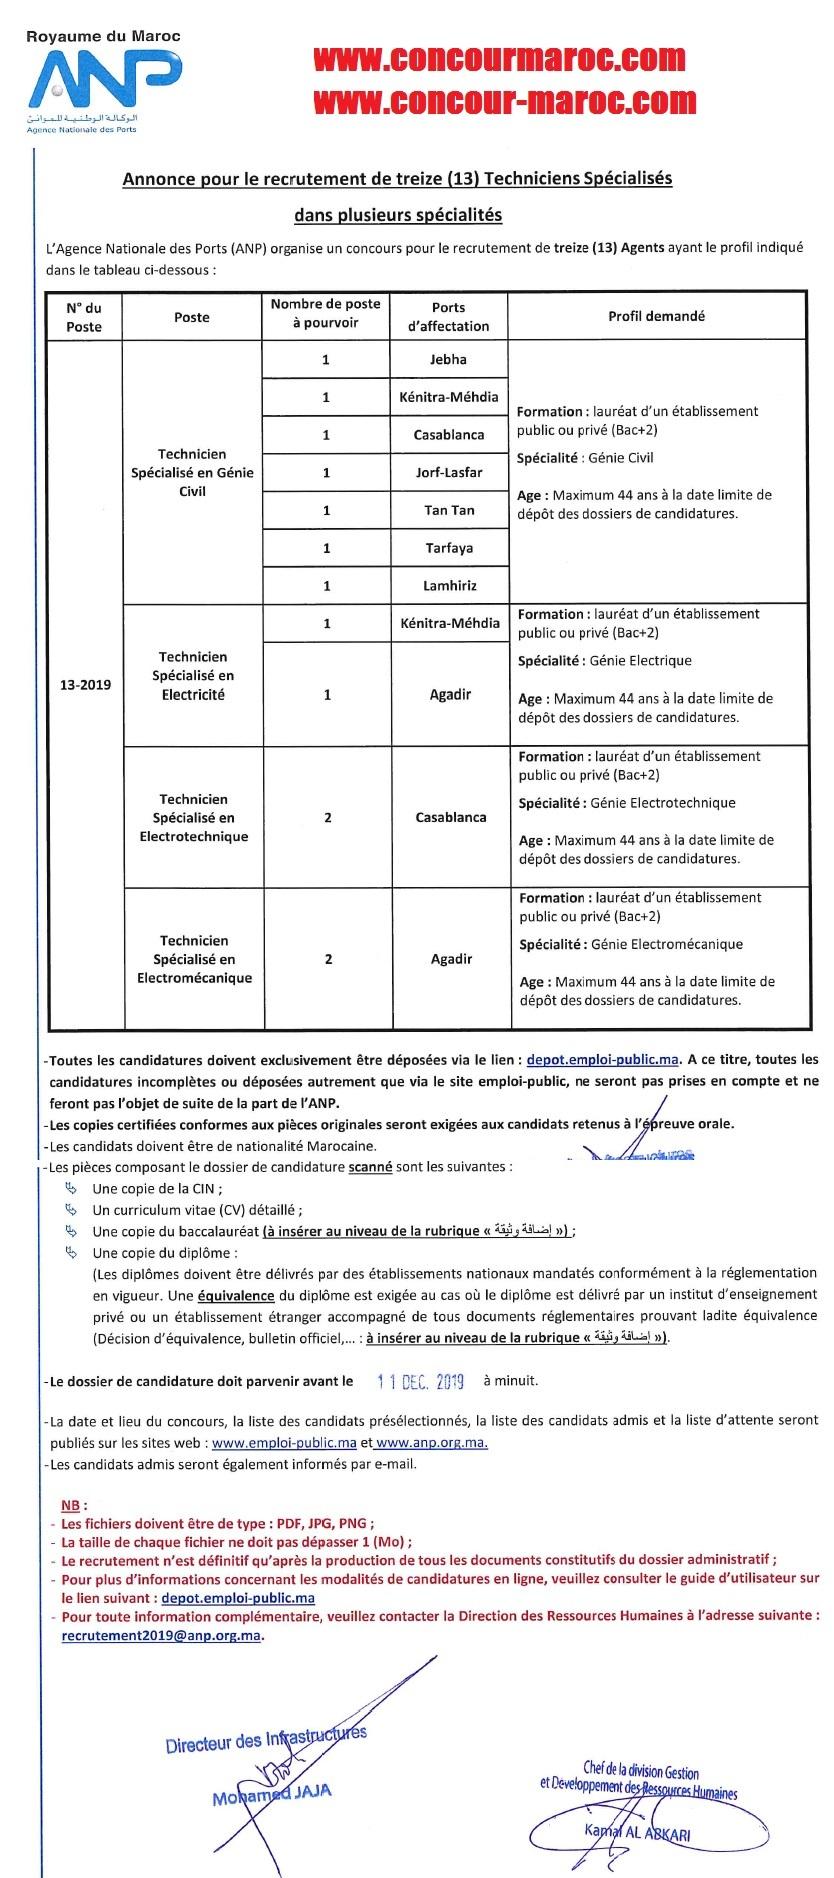 الوكالة الوطنية للموانئ : مباراة توظيف 13 تقني متخصص في عدة شعب آخر أجل لإيداع الترشيحات 11 دجنبر 2019 Aiaao_70